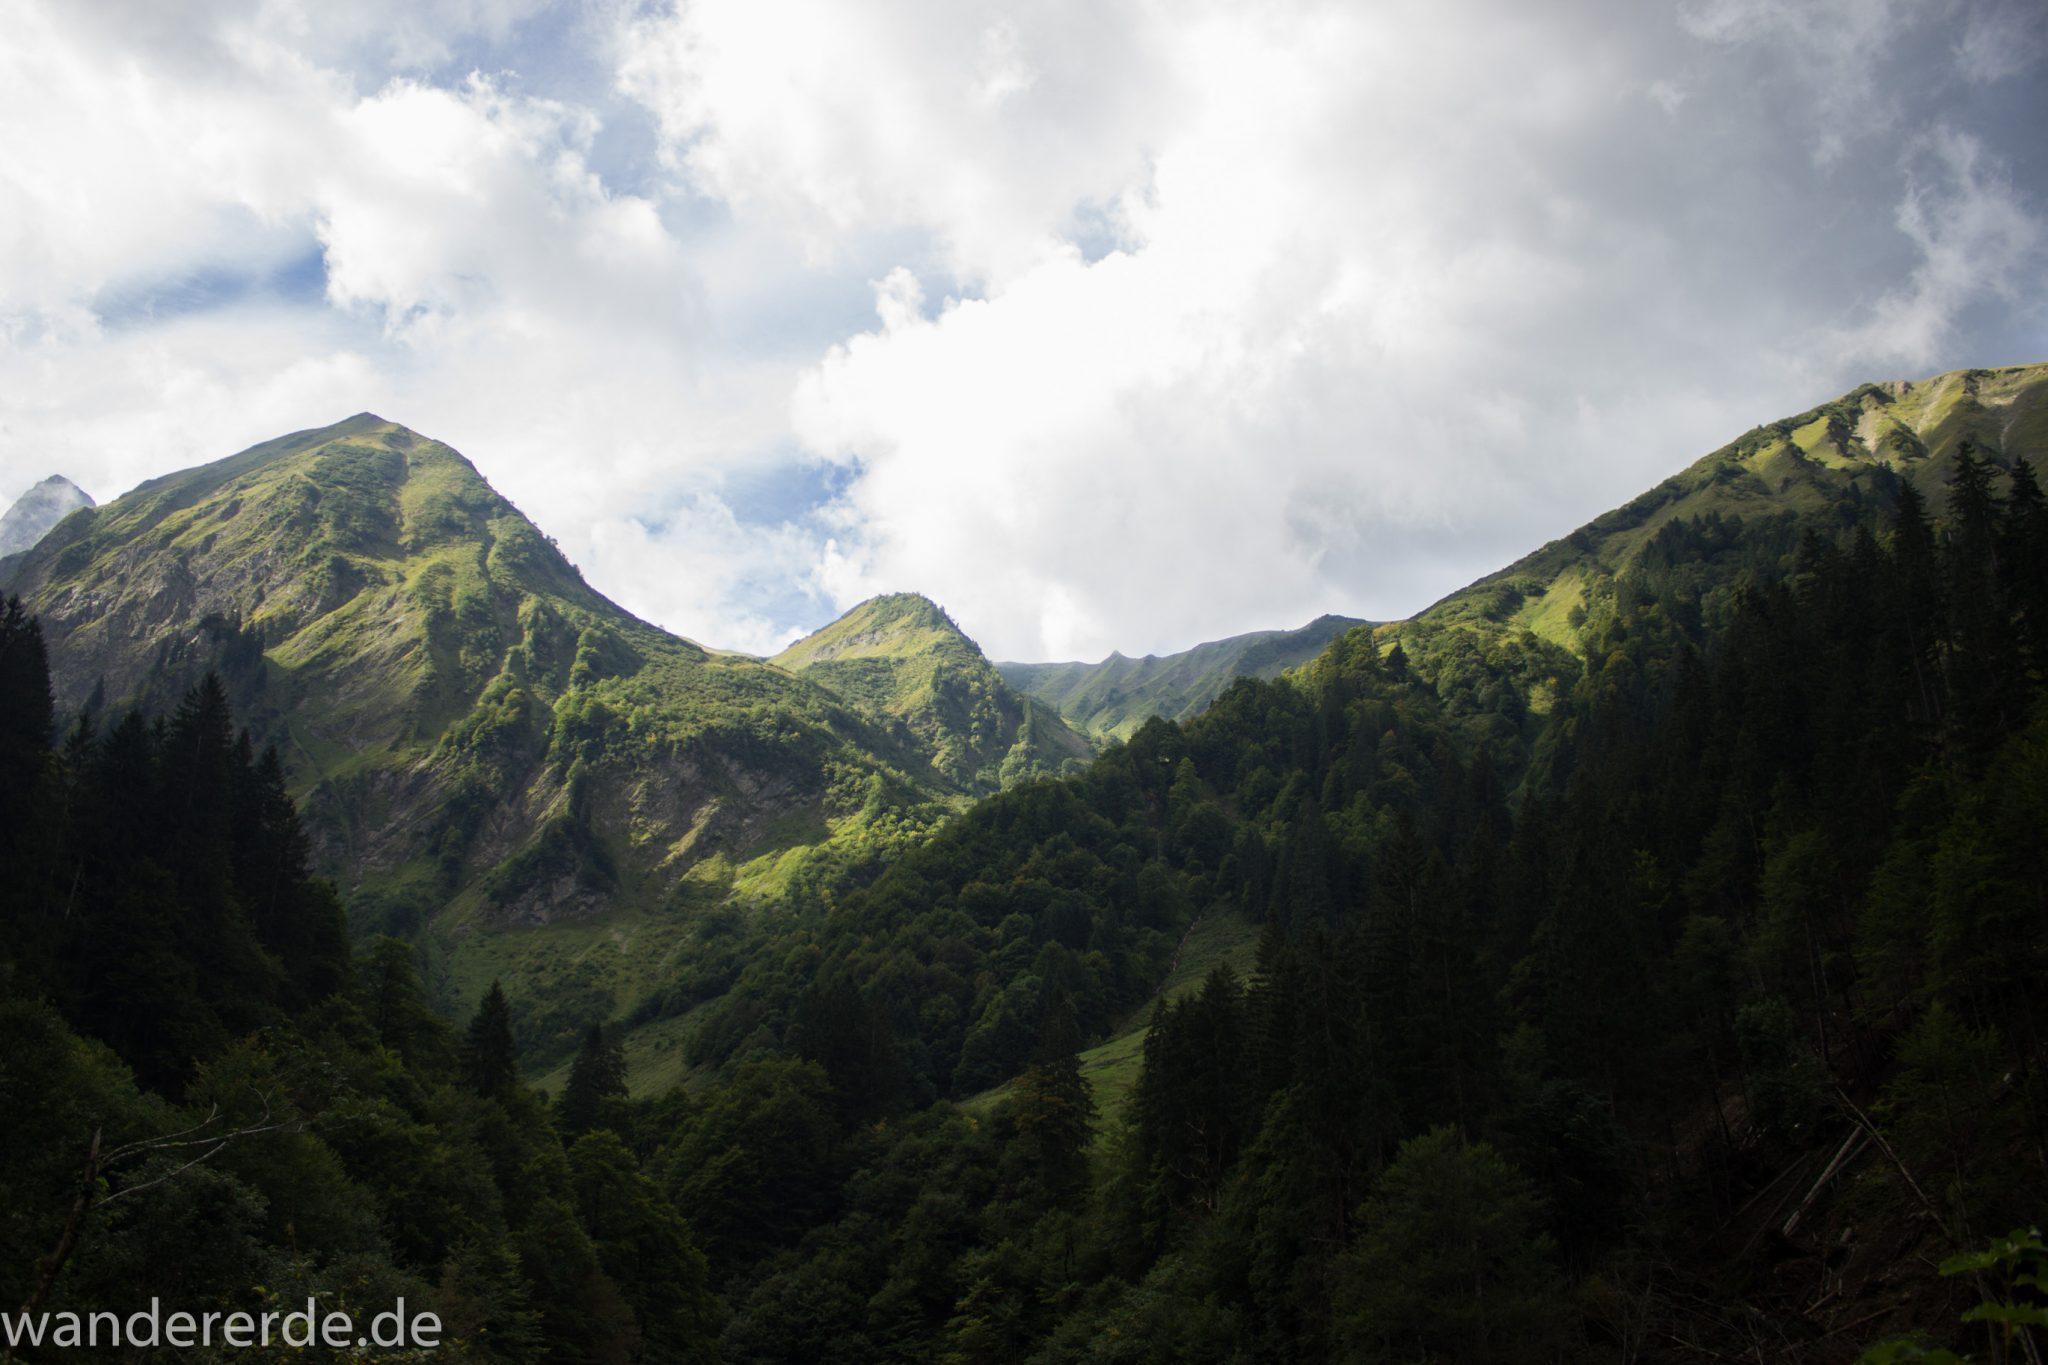 Alpenüberquerung Fernwanderweg E5 Oberstdorf Meran, 1. Etappe von Oberstdorf zur Kemptner Hütte, Wanderweg führt von der Spielmannsau bei Oberstdorf im Allgäu zur Kemptner Hütte  entlang eines schmalen Wanderpfads umgeben von saftig grüner Vegetation, Aussicht auf die Berge im Allgäu, Bayern